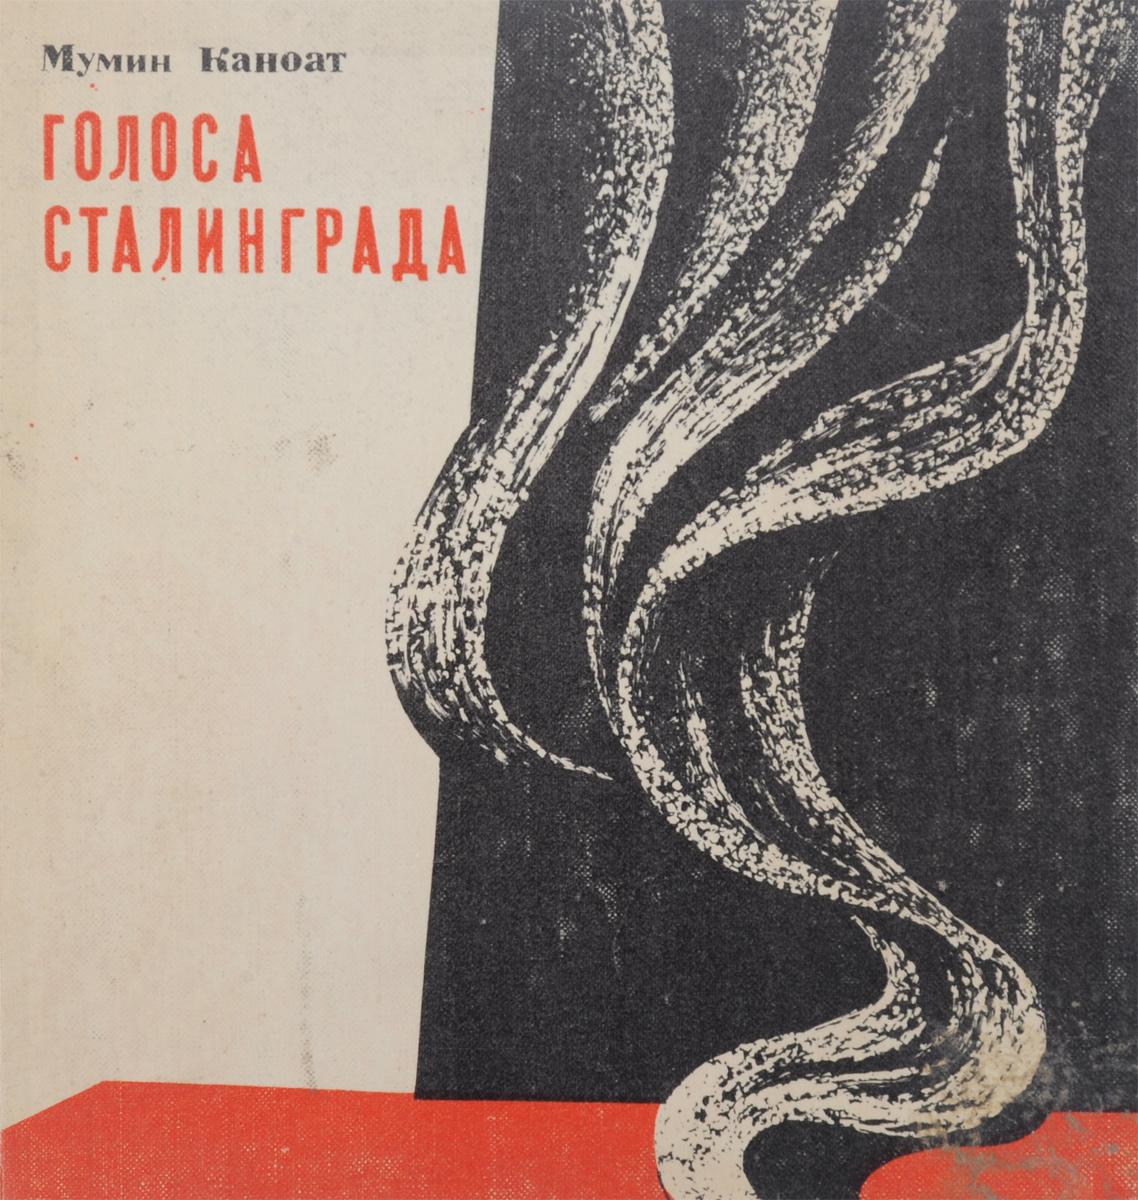 Голоса Сталинграда